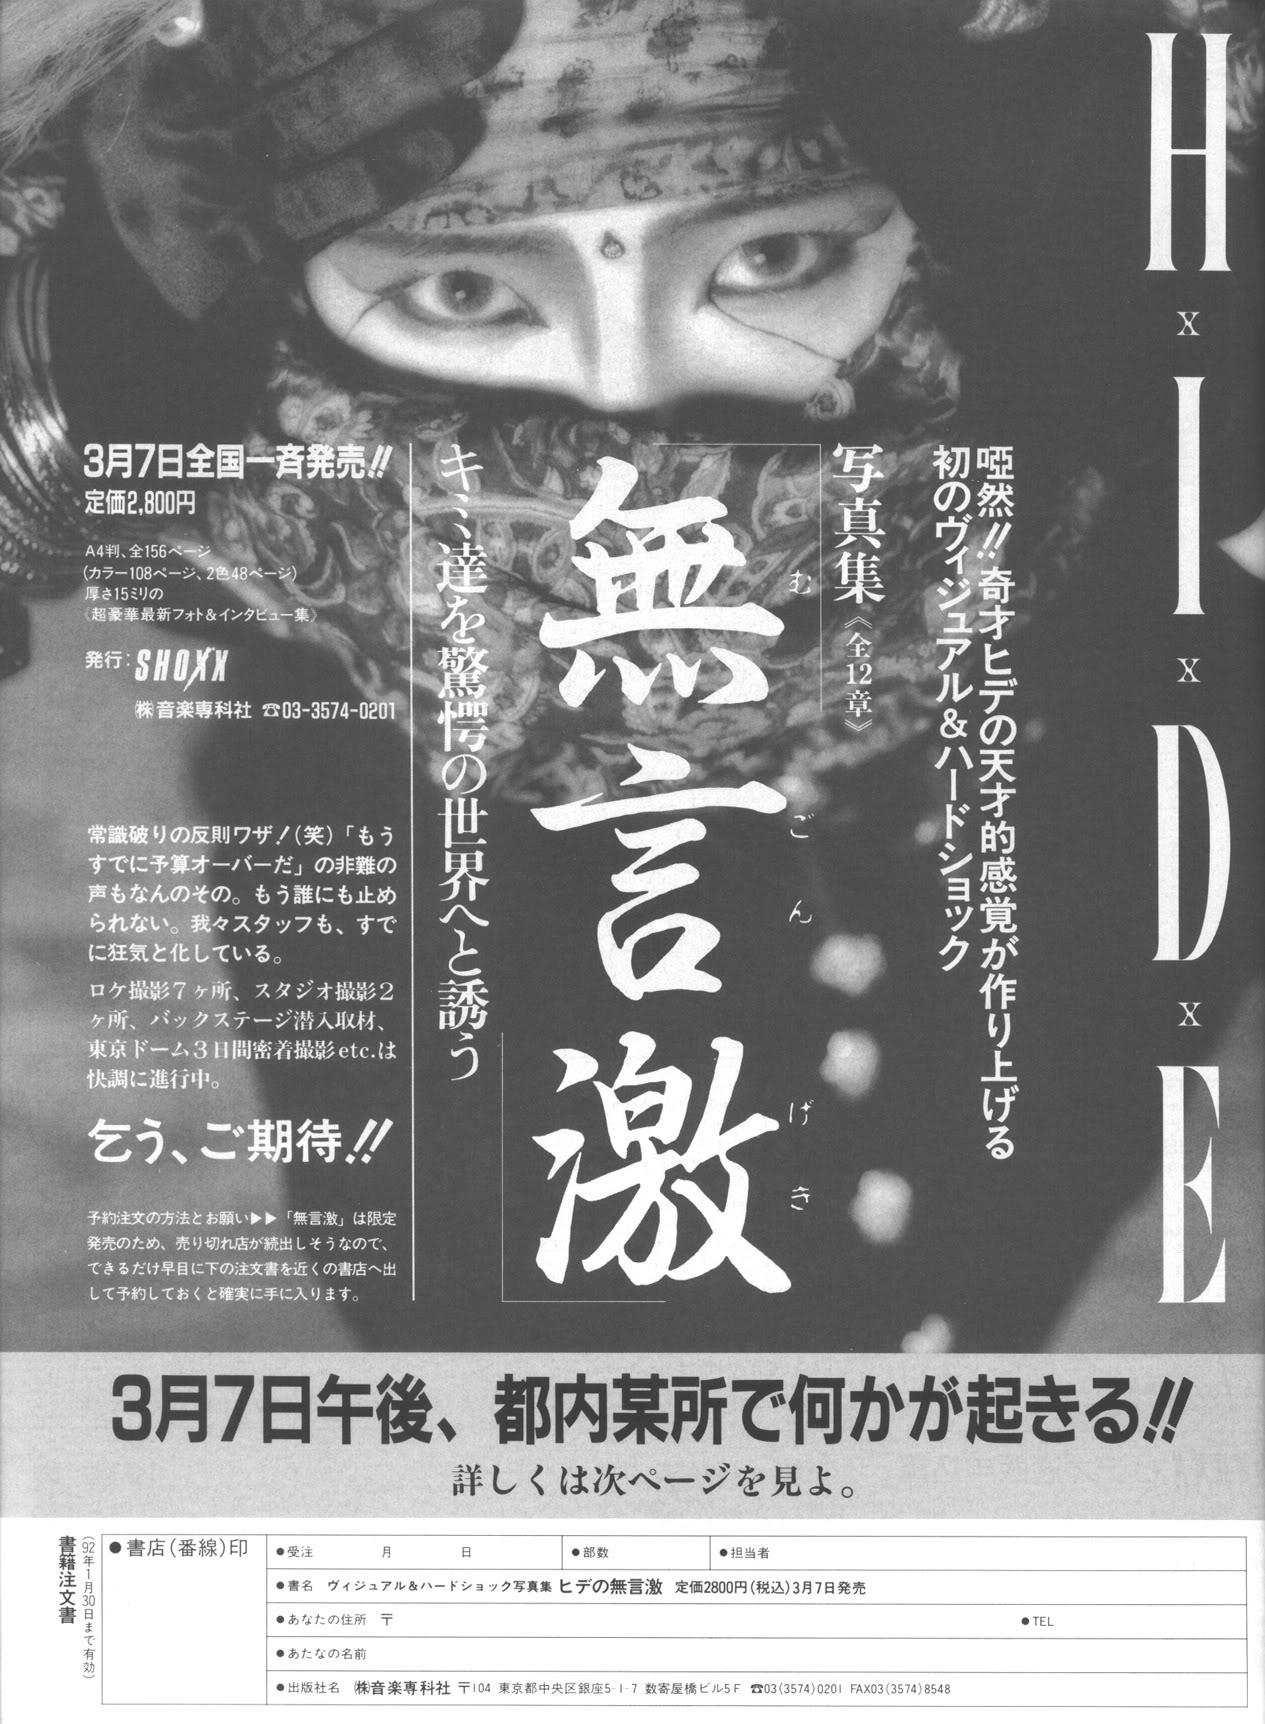 Hide X Japan - Страница 3 Shoxx8-hide-ad1